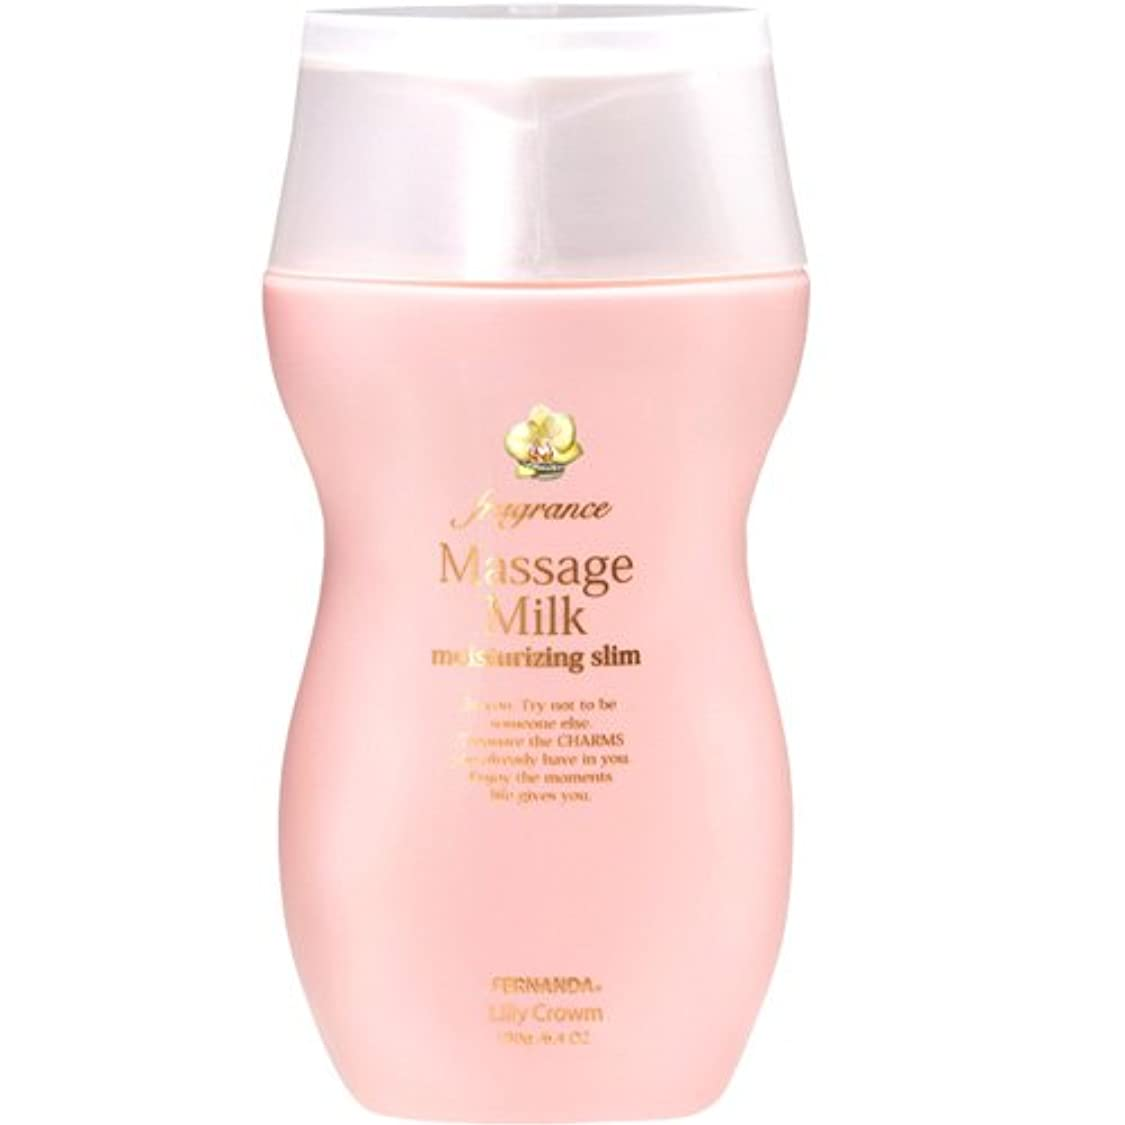 意識的信頼できる旅行代理店FERNANDA(フェルナンダ) Massage Milk Lilly Crown (マッサージミルク リリークラウン)